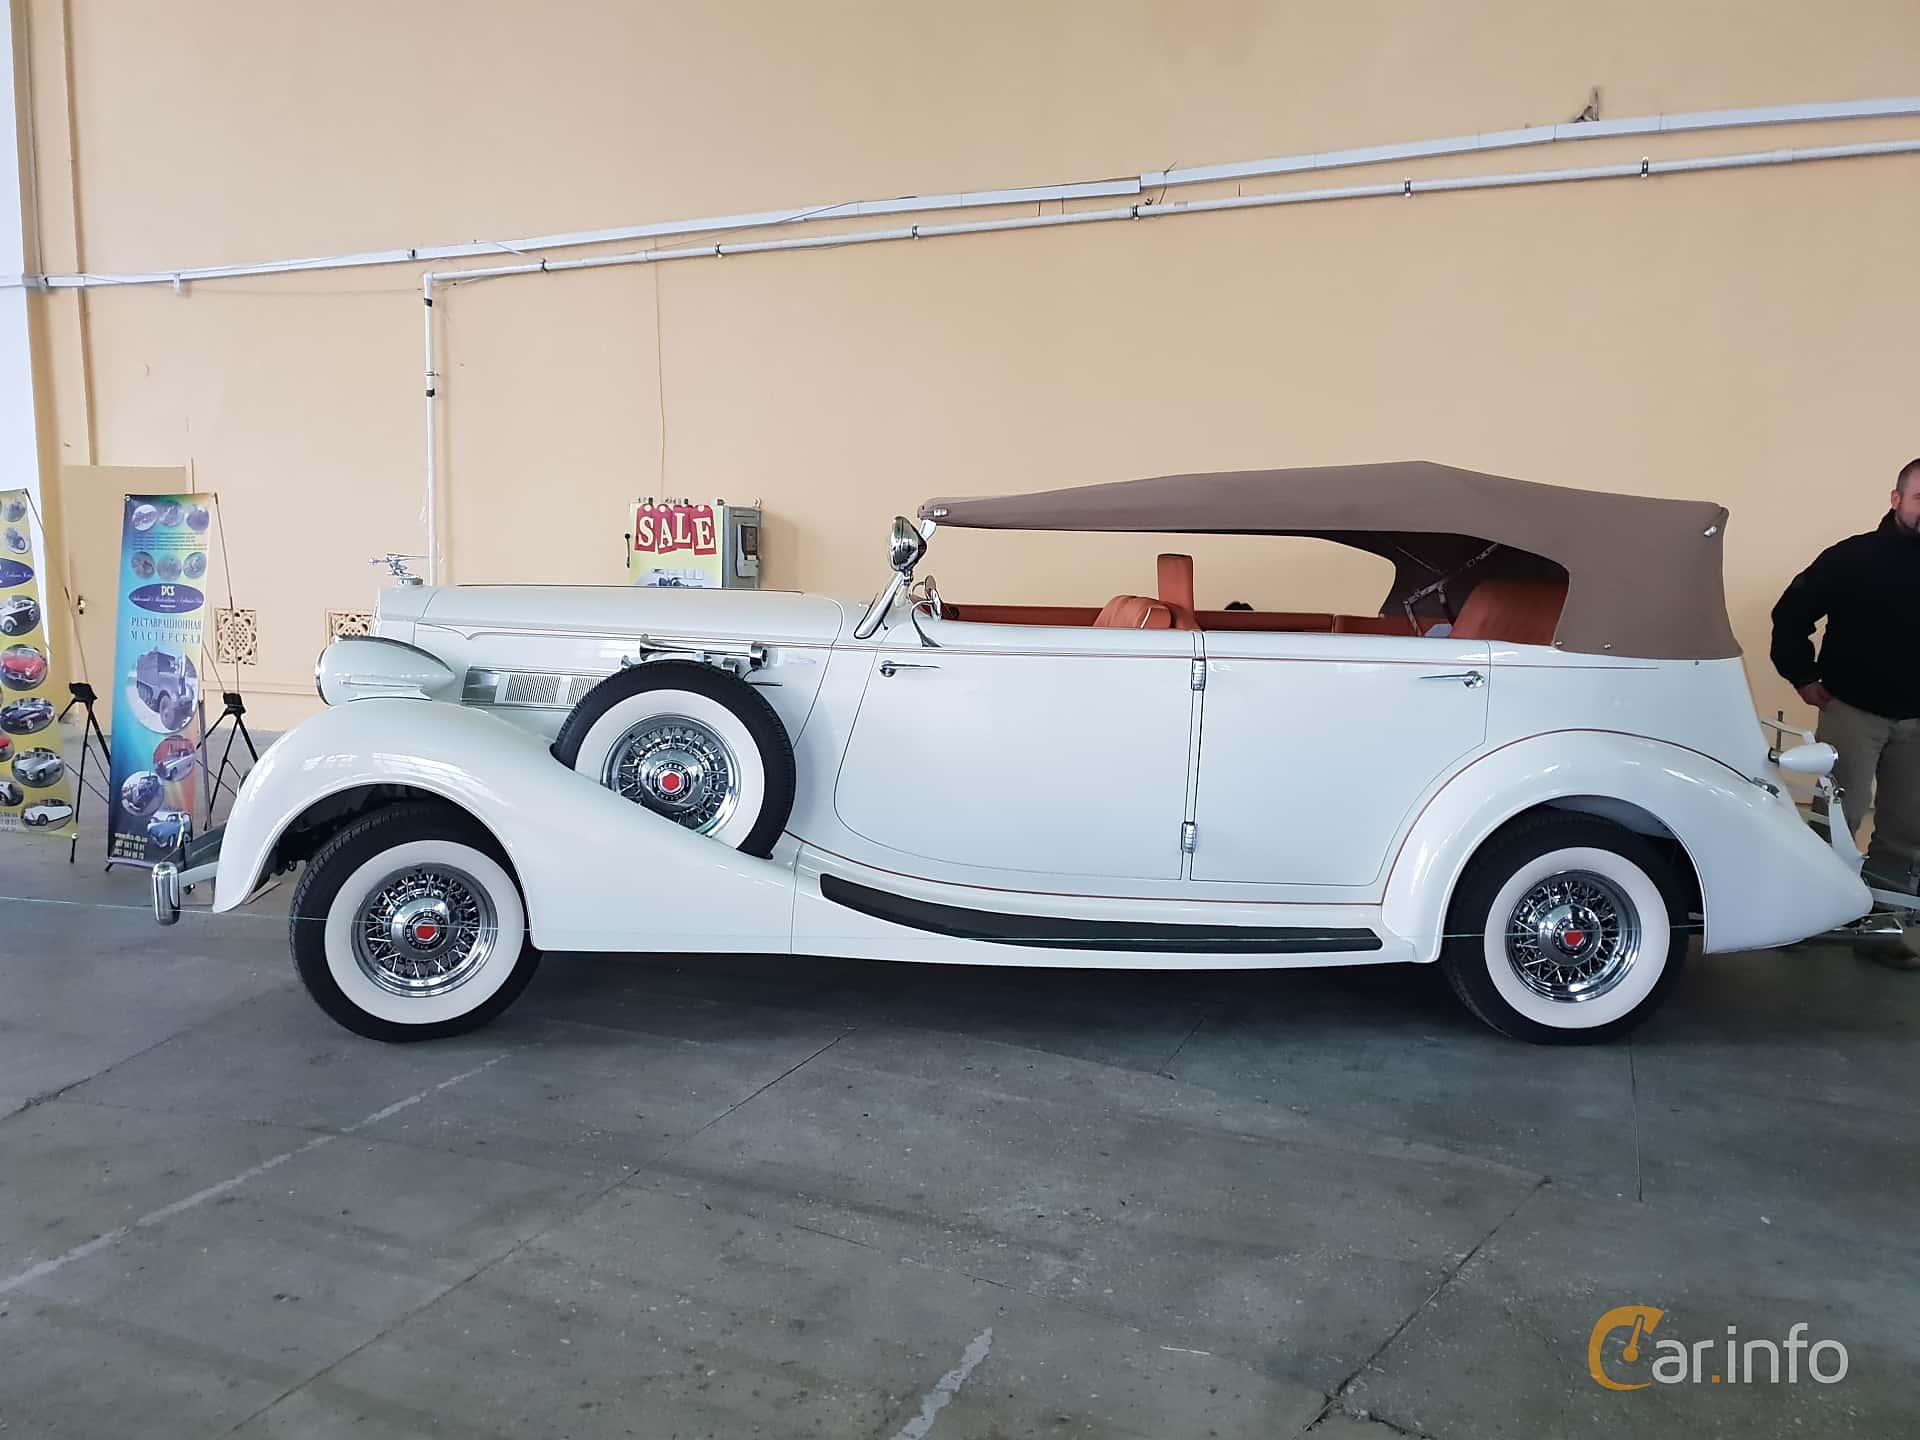 8 images of Packard Twelve 1508 Convertible Sedan 7 8 V12